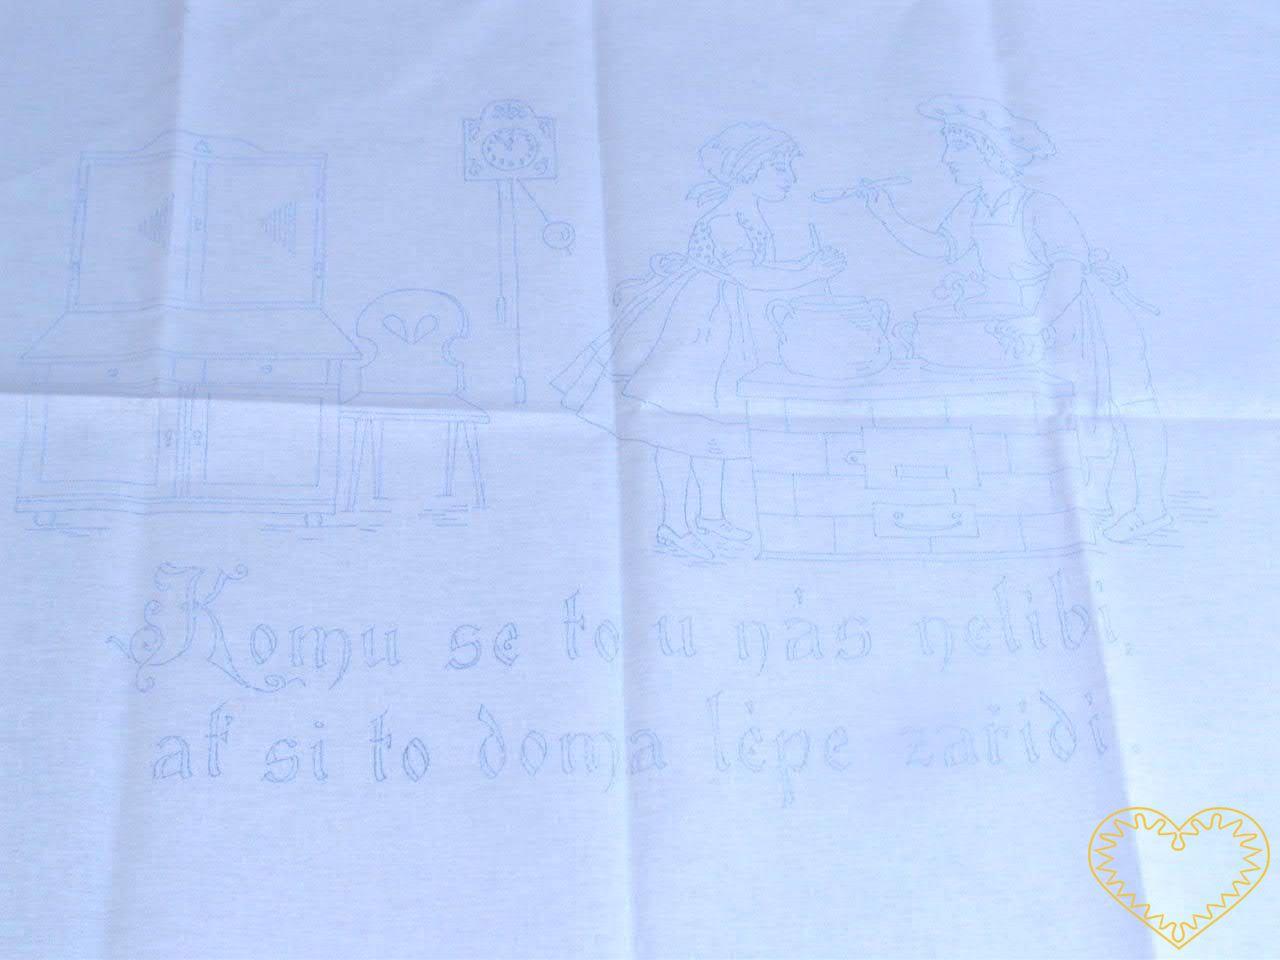 Nástěnná kuchařka - Abeceda - tištěná předloha pro vyšívání tradiční textilní dekorace. Hodí se hlavně do stylových interiérů. Na předloze jsou vytištěná velká ozdobná písmena abecedy a číslice od 0 do 9.rozměr: 80 x 60 cm